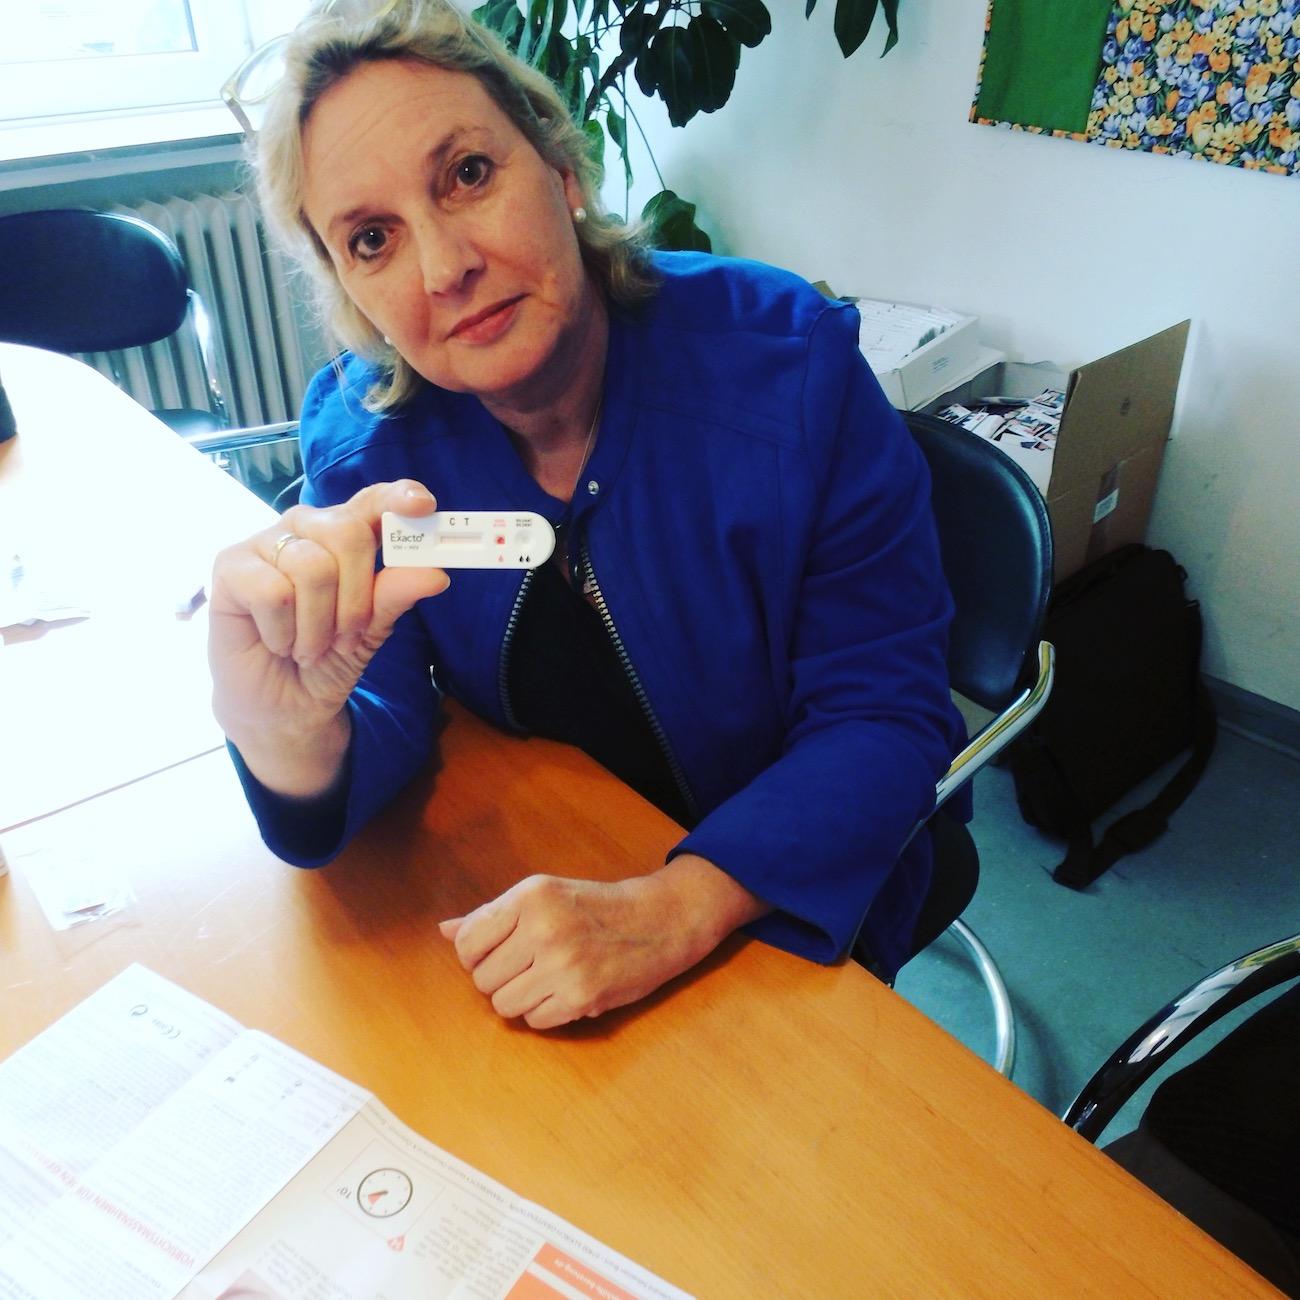 Die CDU-Landtagsabgeordnete Simone Wendland hat die Aufklärungsarbeit der Aids-Hilfe Münster aktiv unterstützt, indem sie in der Beratungsstelle der Aids-Hilfe einen HIV-Selbsttest durchführte.